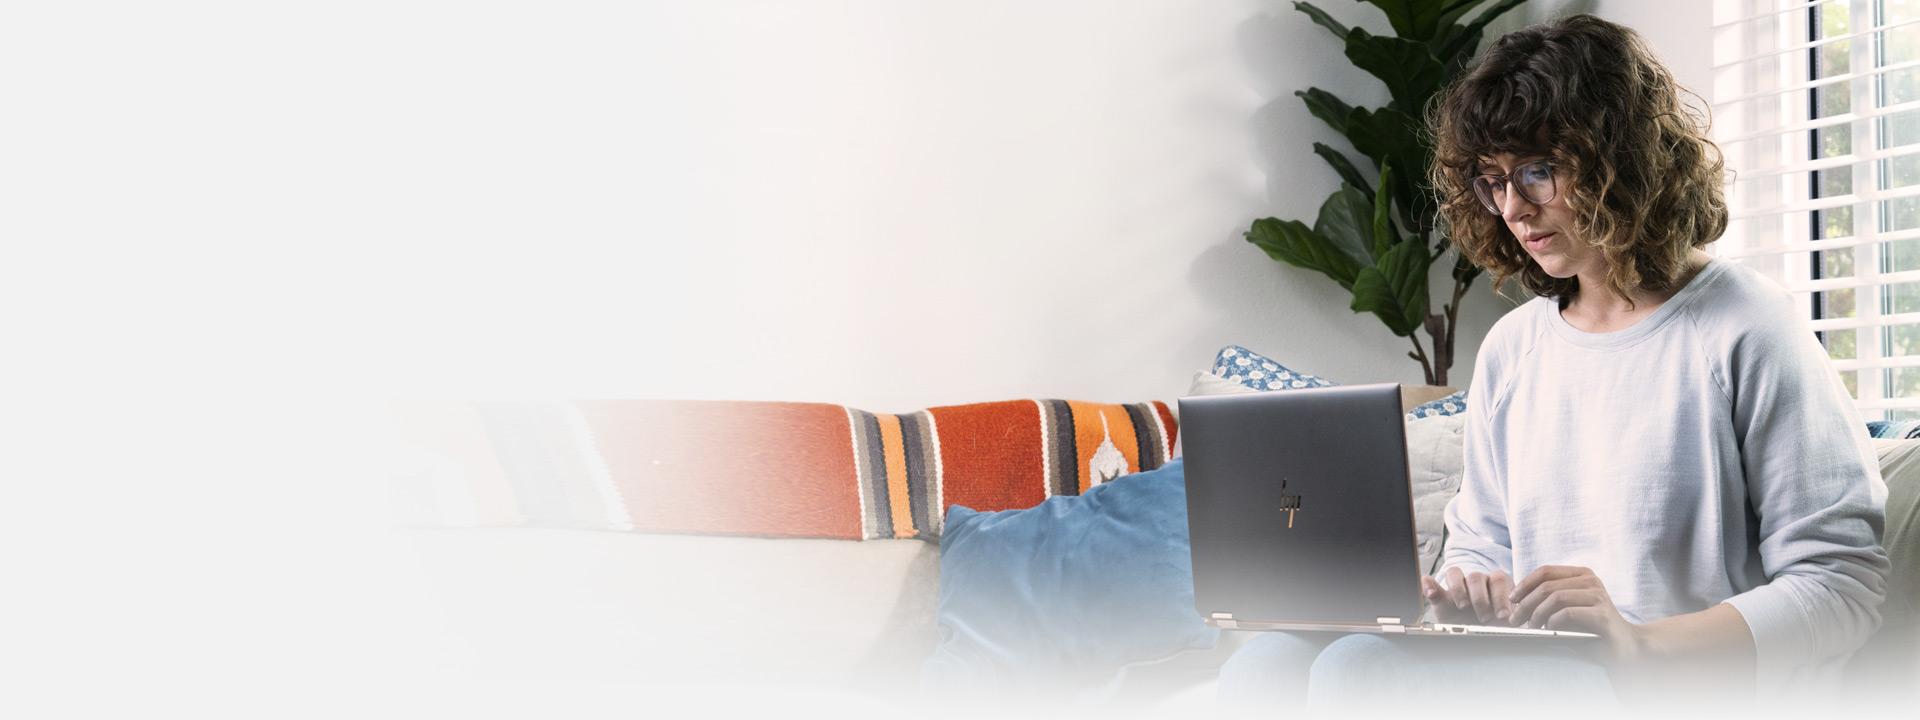 Une femme utilise un ordinateur portable assise sur un canapé